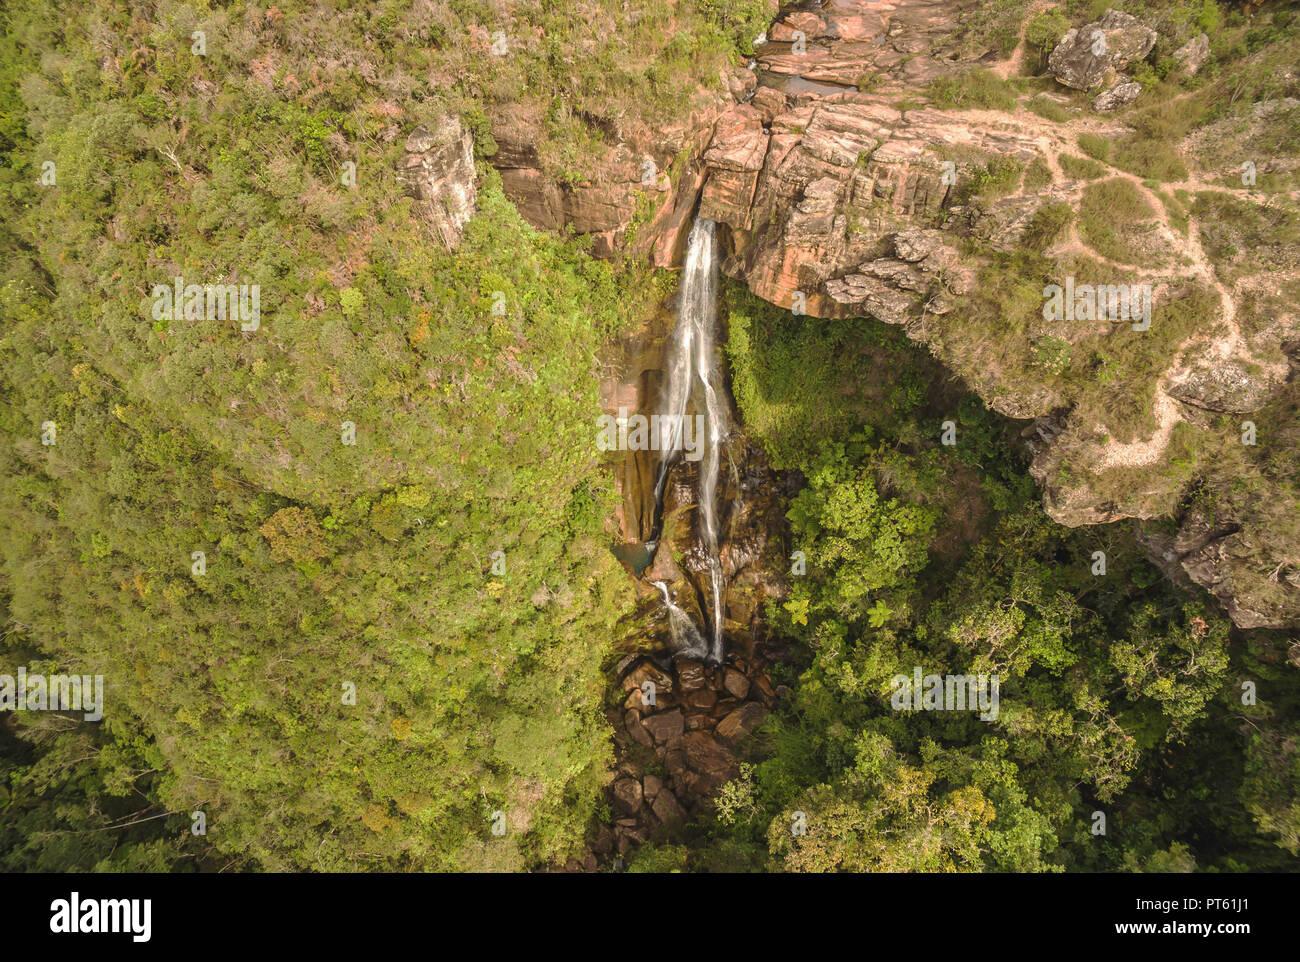 Foto aérea - Stock Image